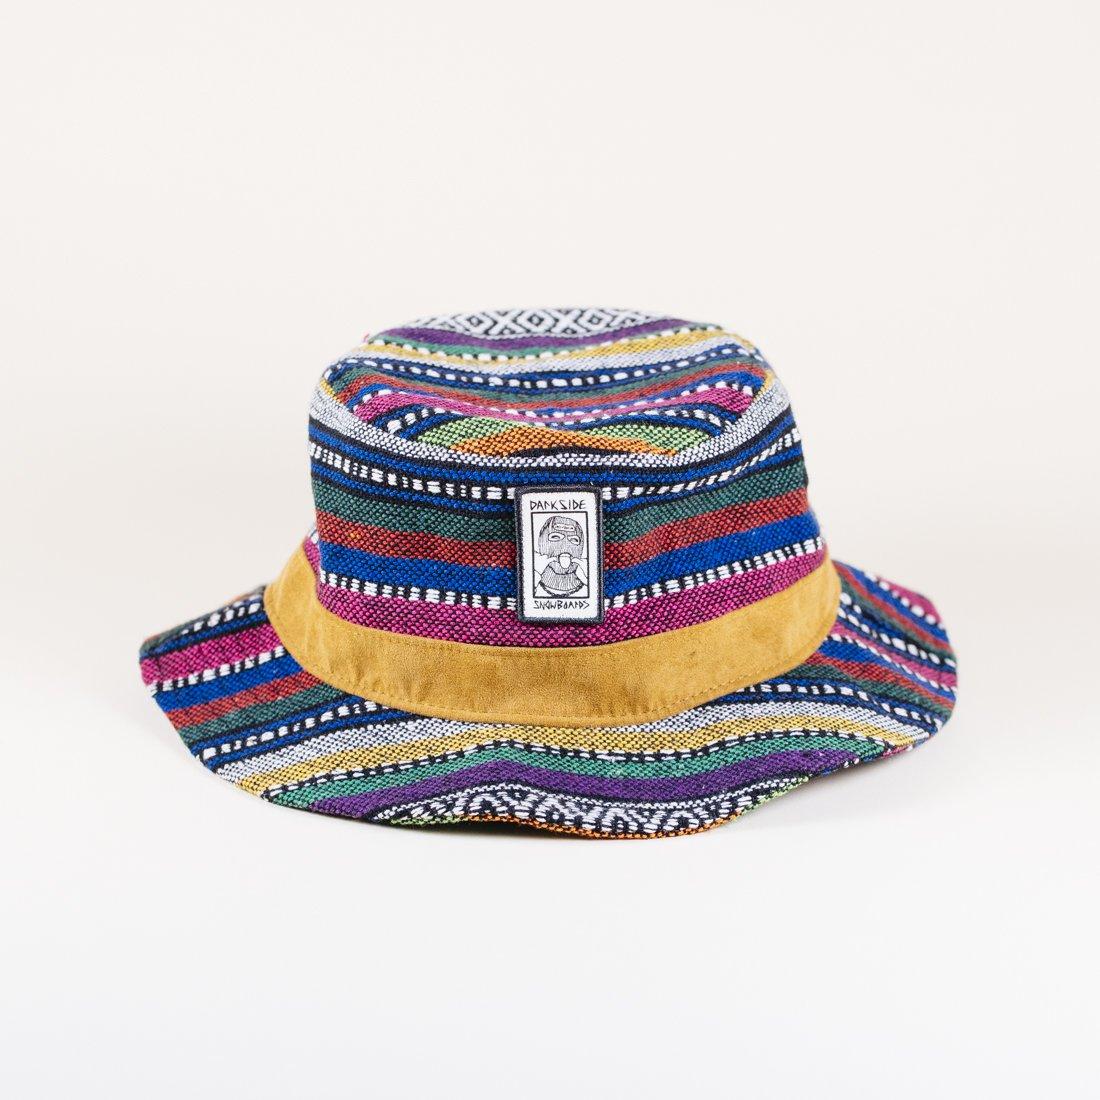 Girls of Darkside Soft Flex Bucket Hat (Multiple Color/Size Options)